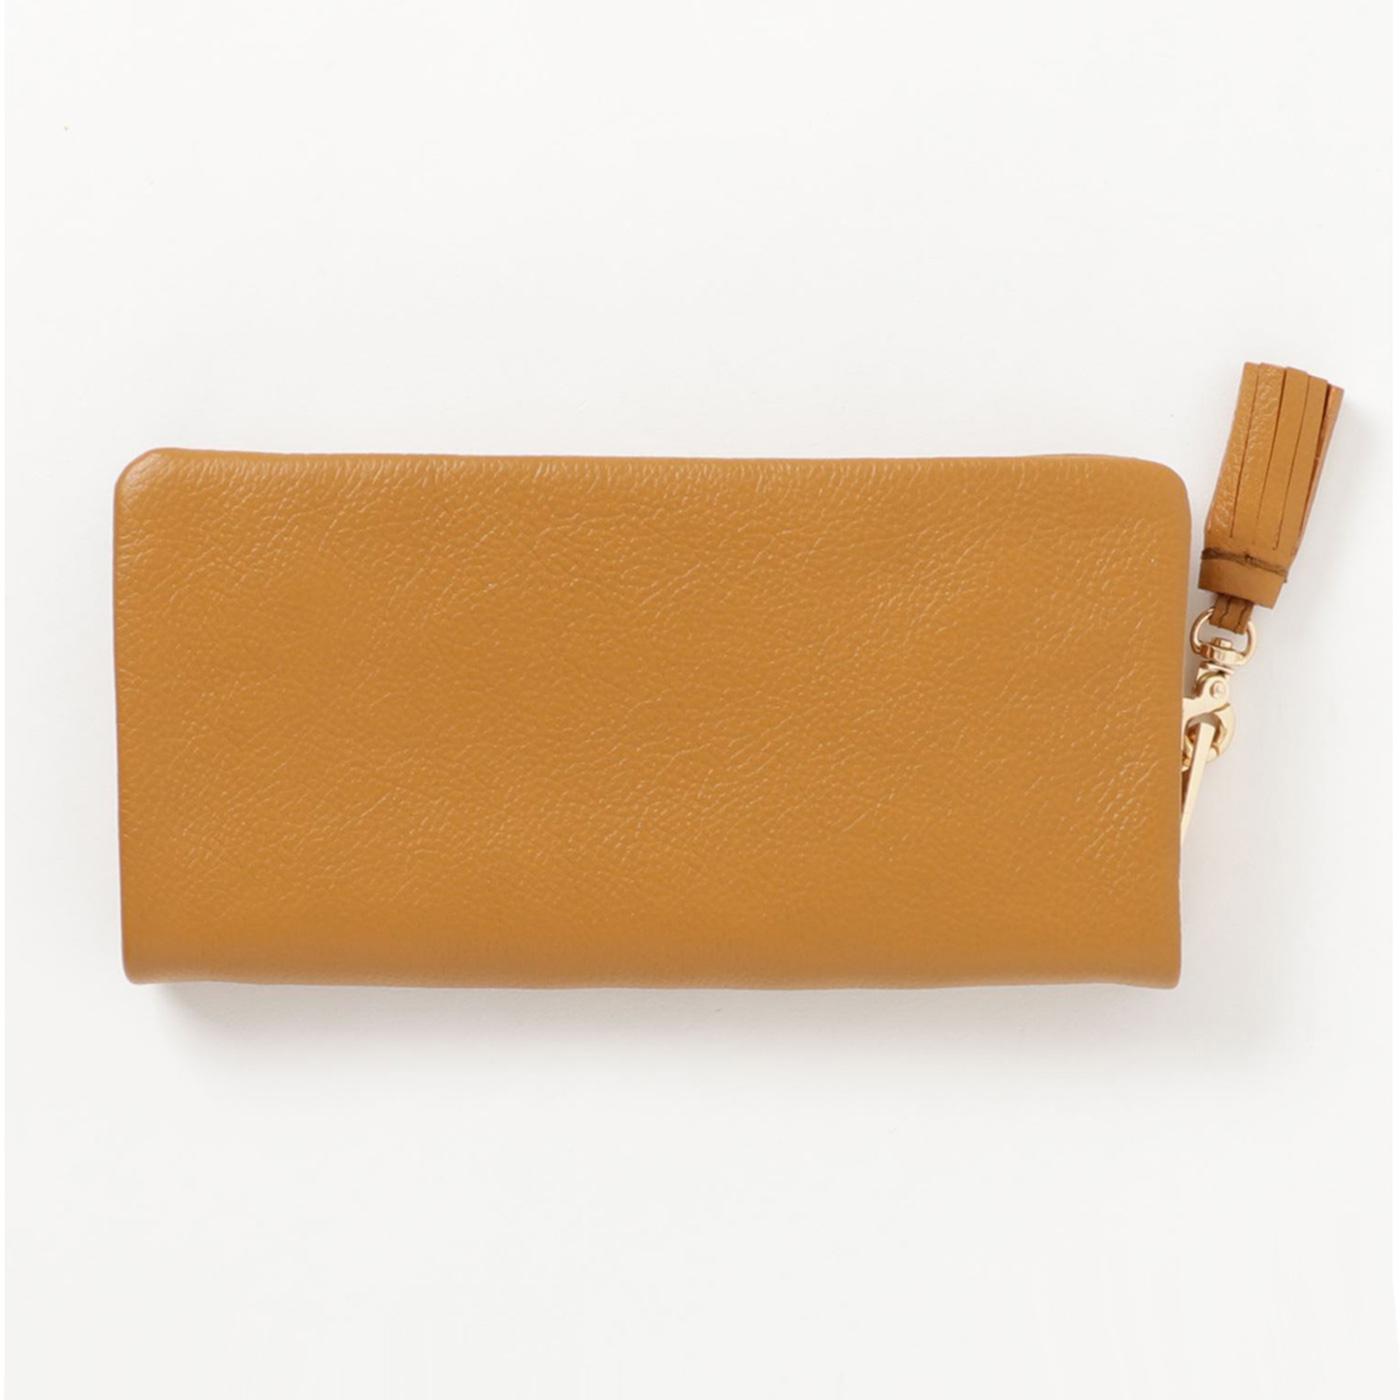 IEDIT[イディット] SELECT やわらかマットレザーで手になじむ 長く使いこみたい本革長財布〈イエロー〉